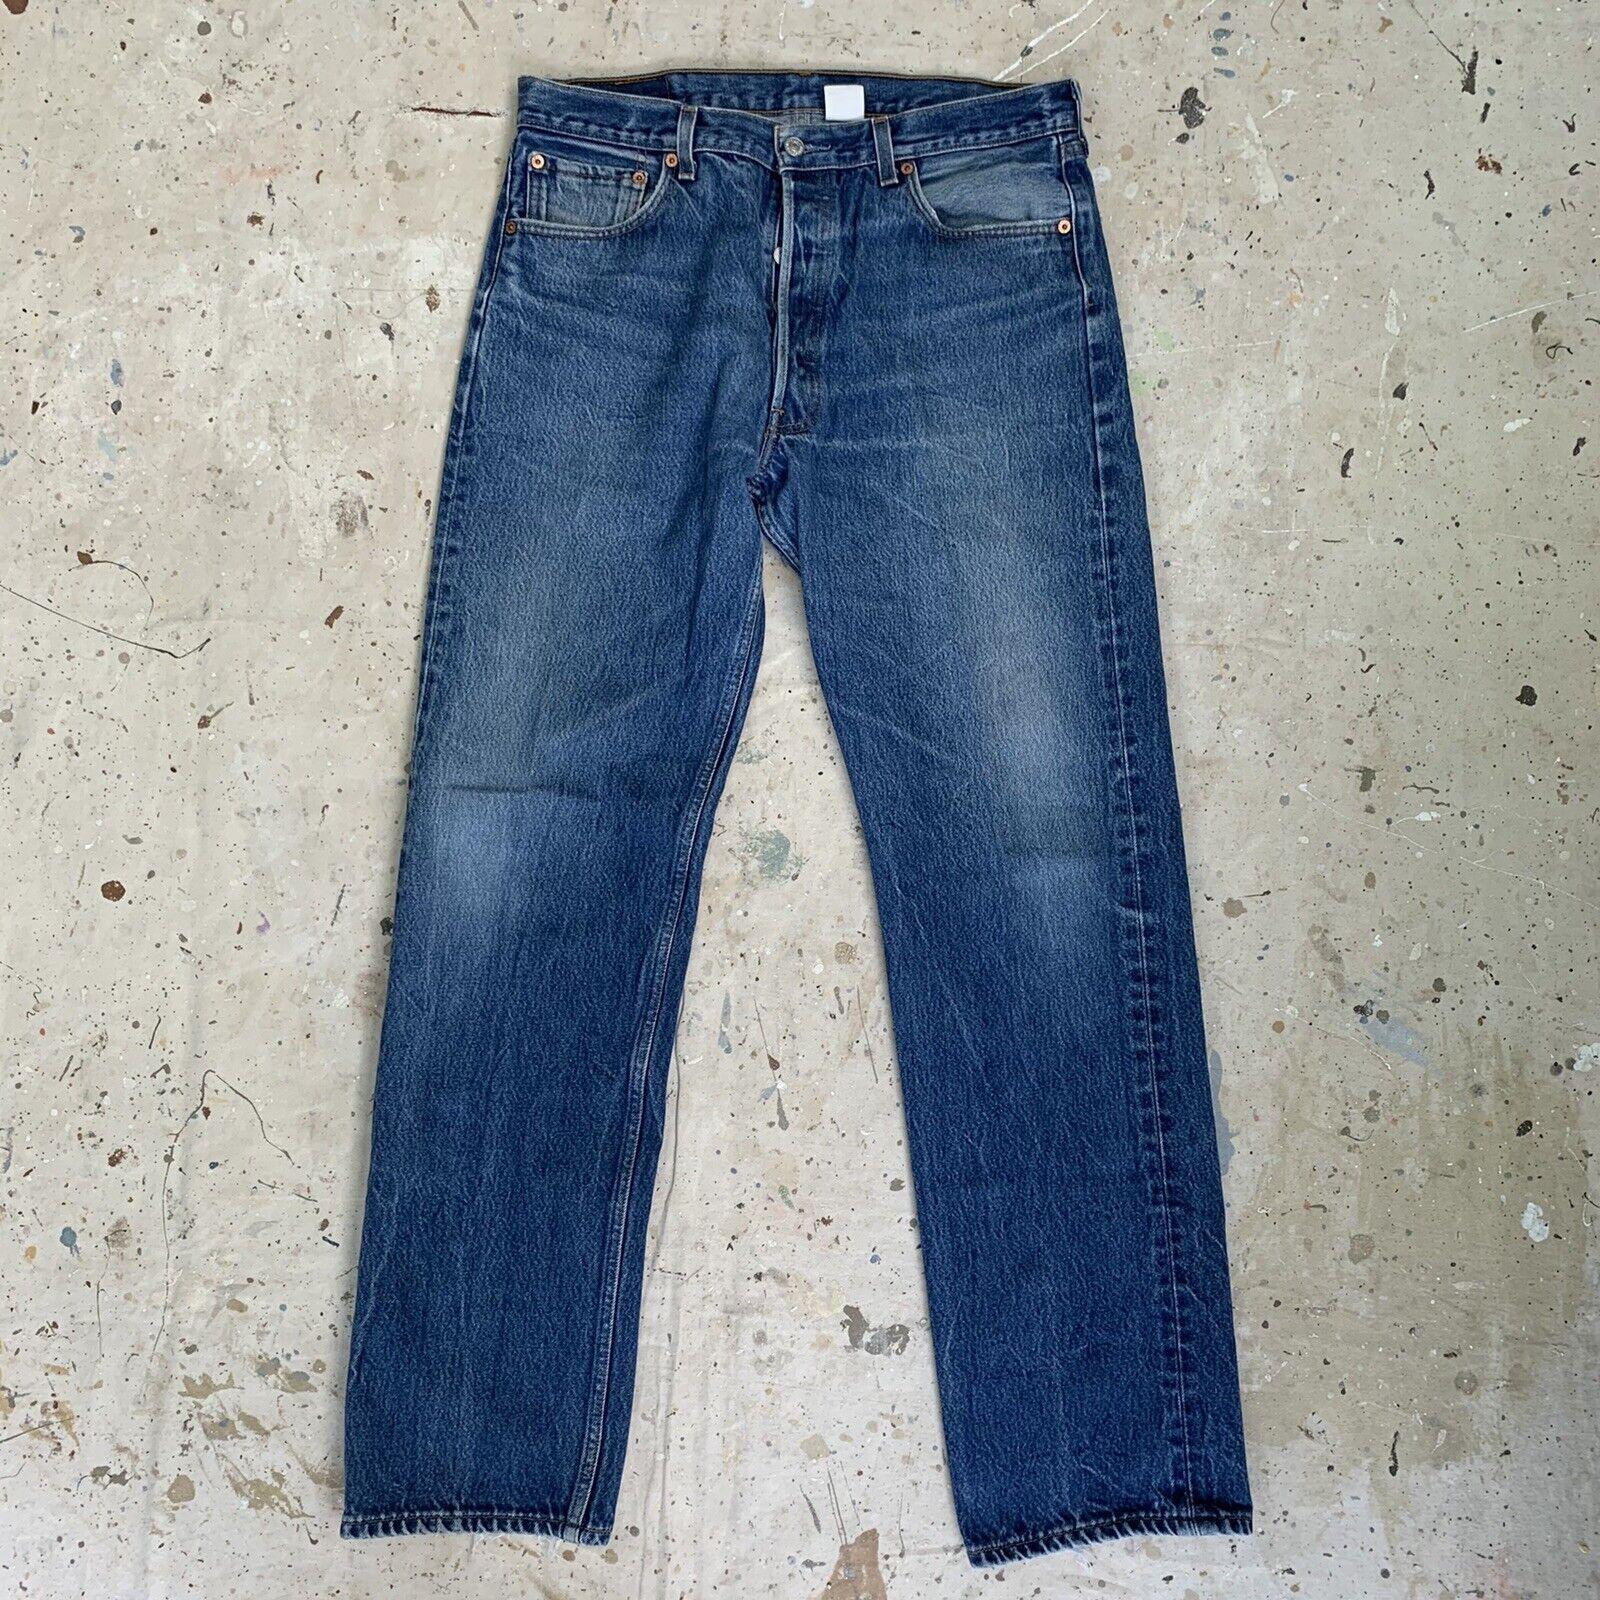 Vintage 90s Levis 501 Jeans Mens 36x36 - image 1